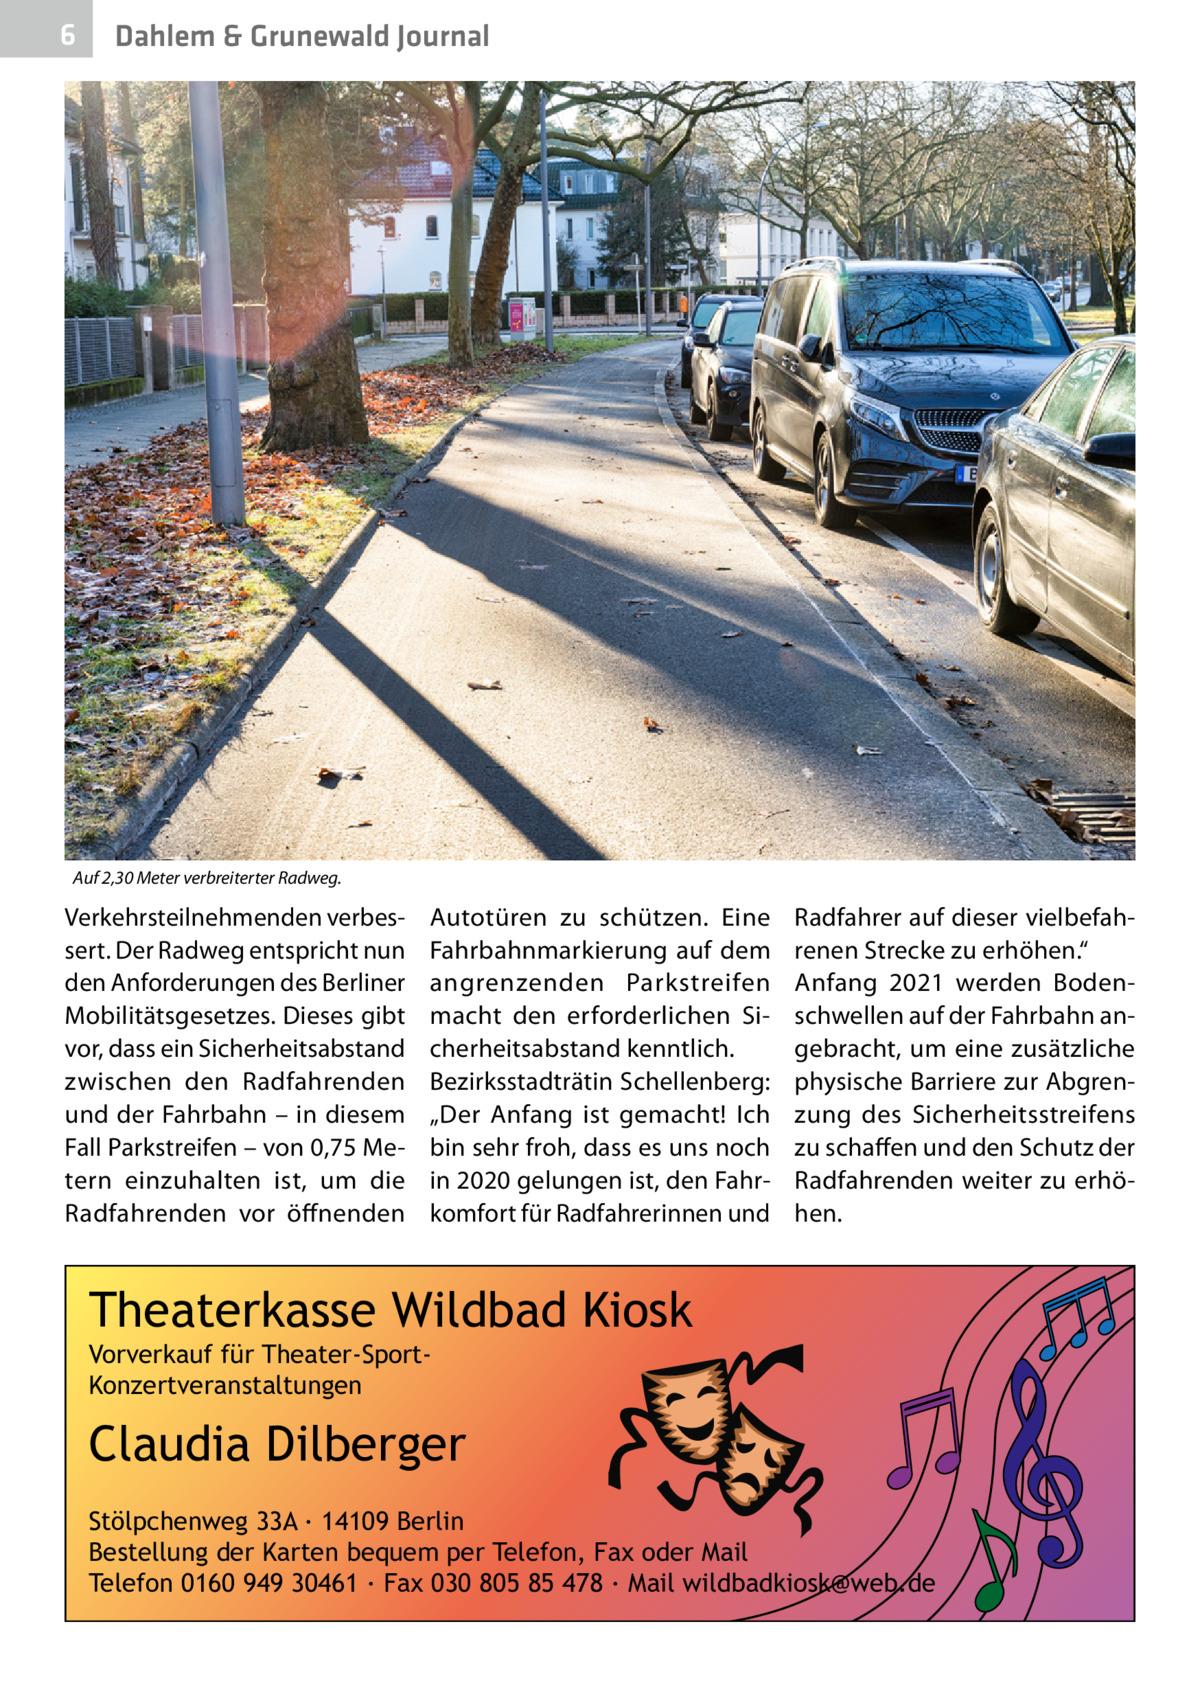 """6  Dahlem & Grunewald Journal  Auf 2,30Meter verbreiterter Radweg.  Verkehrsteilnehmenden verbessert. Der Radweg entspricht nun den Anforderungen des Berliner Mobilitätsgesetzes. Dieses gibt vor, dass ein Sicherheitsabstand zwischen den Radfahrenden und der Fahrbahn – in diesem Fall Parkstreifen – von 0,75Metern einzuhalten ist, um die Radfahrenden vor öffnenden  Autotüren zu schützen. Eine Fahrbahnmarkierung auf dem angrenzenden Parkstreifen macht den erforderlichen Sicherheitsabstand kenntlich. Bezirksstadträtin Schellenberg: """"Der Anfang ist gemacht! Ich bin sehr froh, dass es uns noch in 2020 gelungen ist, den Fahrkomfort für Radfahrerinnen und  Radfahrer auf dieser vielbefahrenen Strecke zu erhöhen."""" Anfang 2021 werden Bodenschwellen auf der Fahrbahn angebracht, um eine zusätzliche physische Barriere zur Abgrenzung des Sicherheitsstreifens zu schaffen und den Schutz der Radfahrenden weiter zu erhöhen.  Theaterkasse Wildbad Kiosk Vorverkauf für Theater-SportKonzertveranstaltungen  Claudia Dilberger Stölpchenweg 33A ∙ 14109 Berlin Bestellung der Karten bequem per Telefon, Fax oder Mail Telefon 0160 949 30461 ∙ Fax 030 805 85 478 ∙ Mail wildbadkiosk@web.de"""